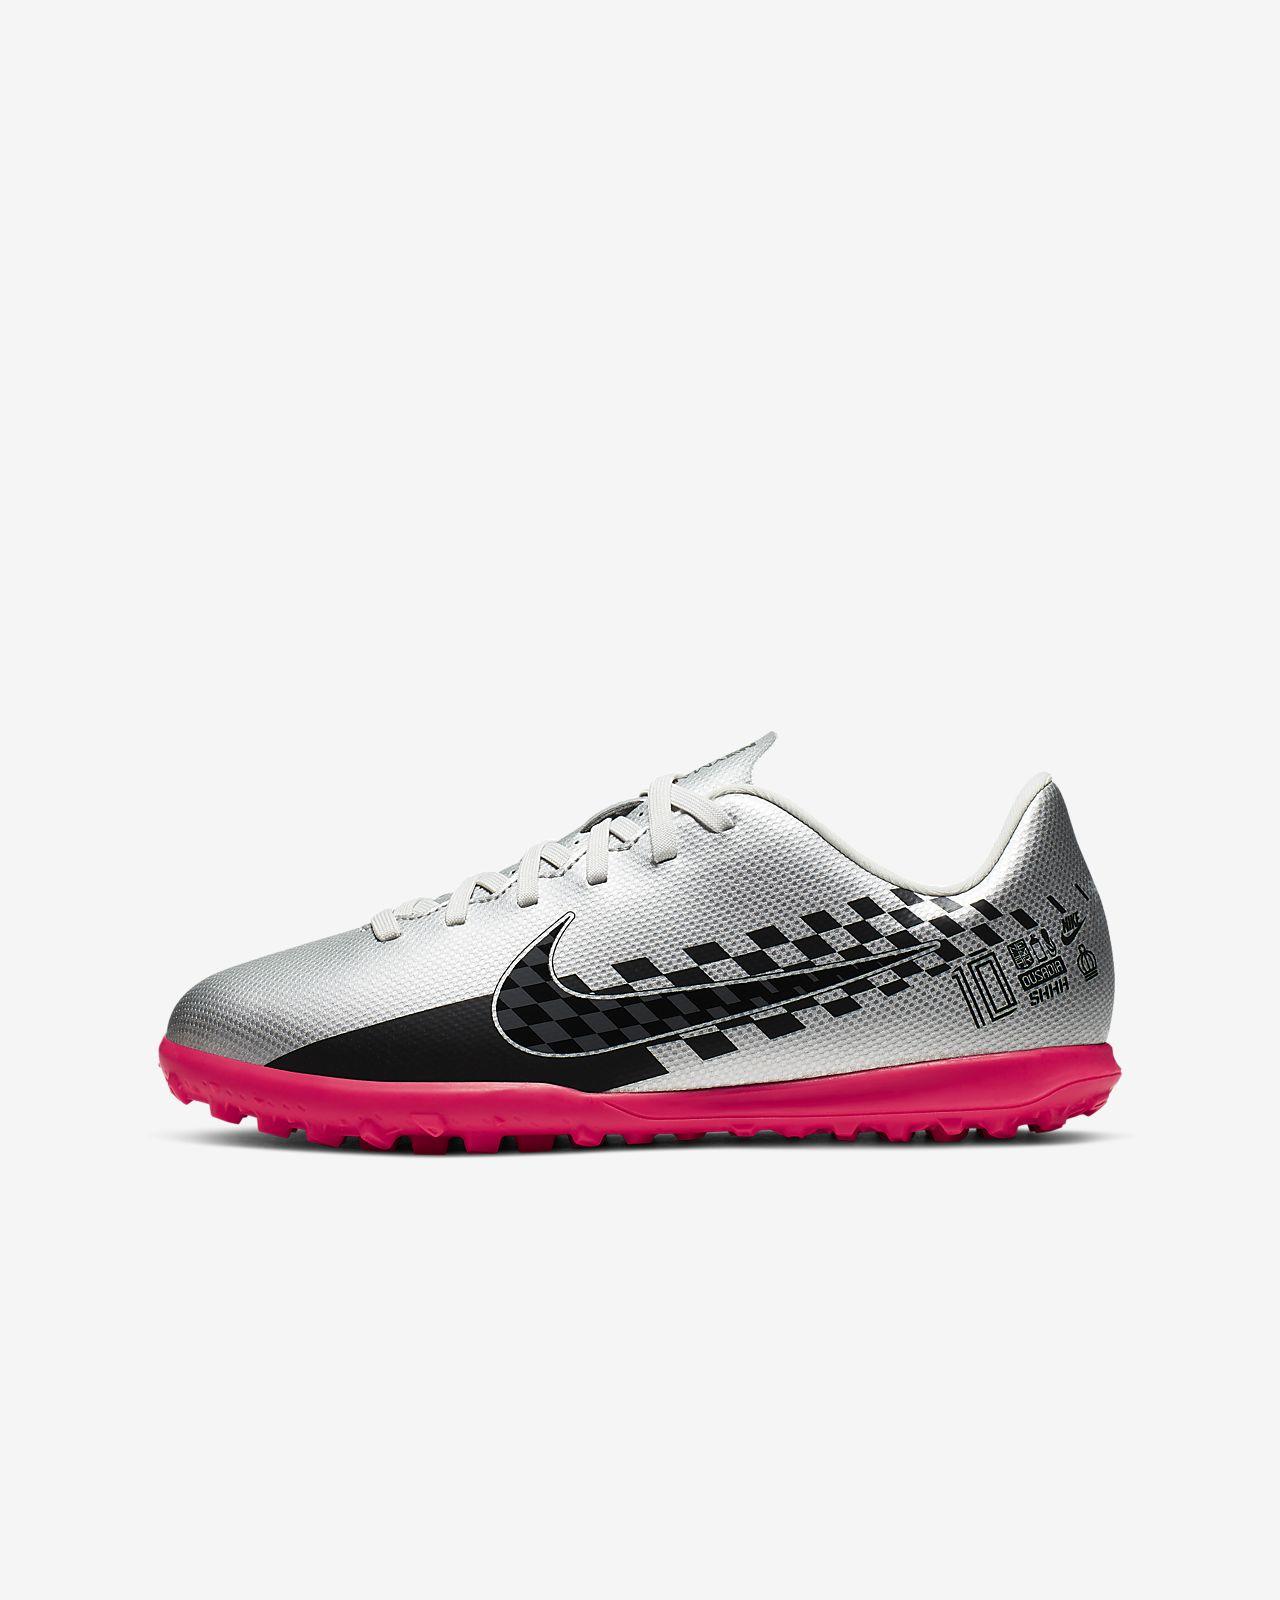 รองเท้าฟุตบอลสำหรับพื้นหญ้าเทียม Nike Jr. Mercurial Vapor 13 Club Neymar Jr. TF